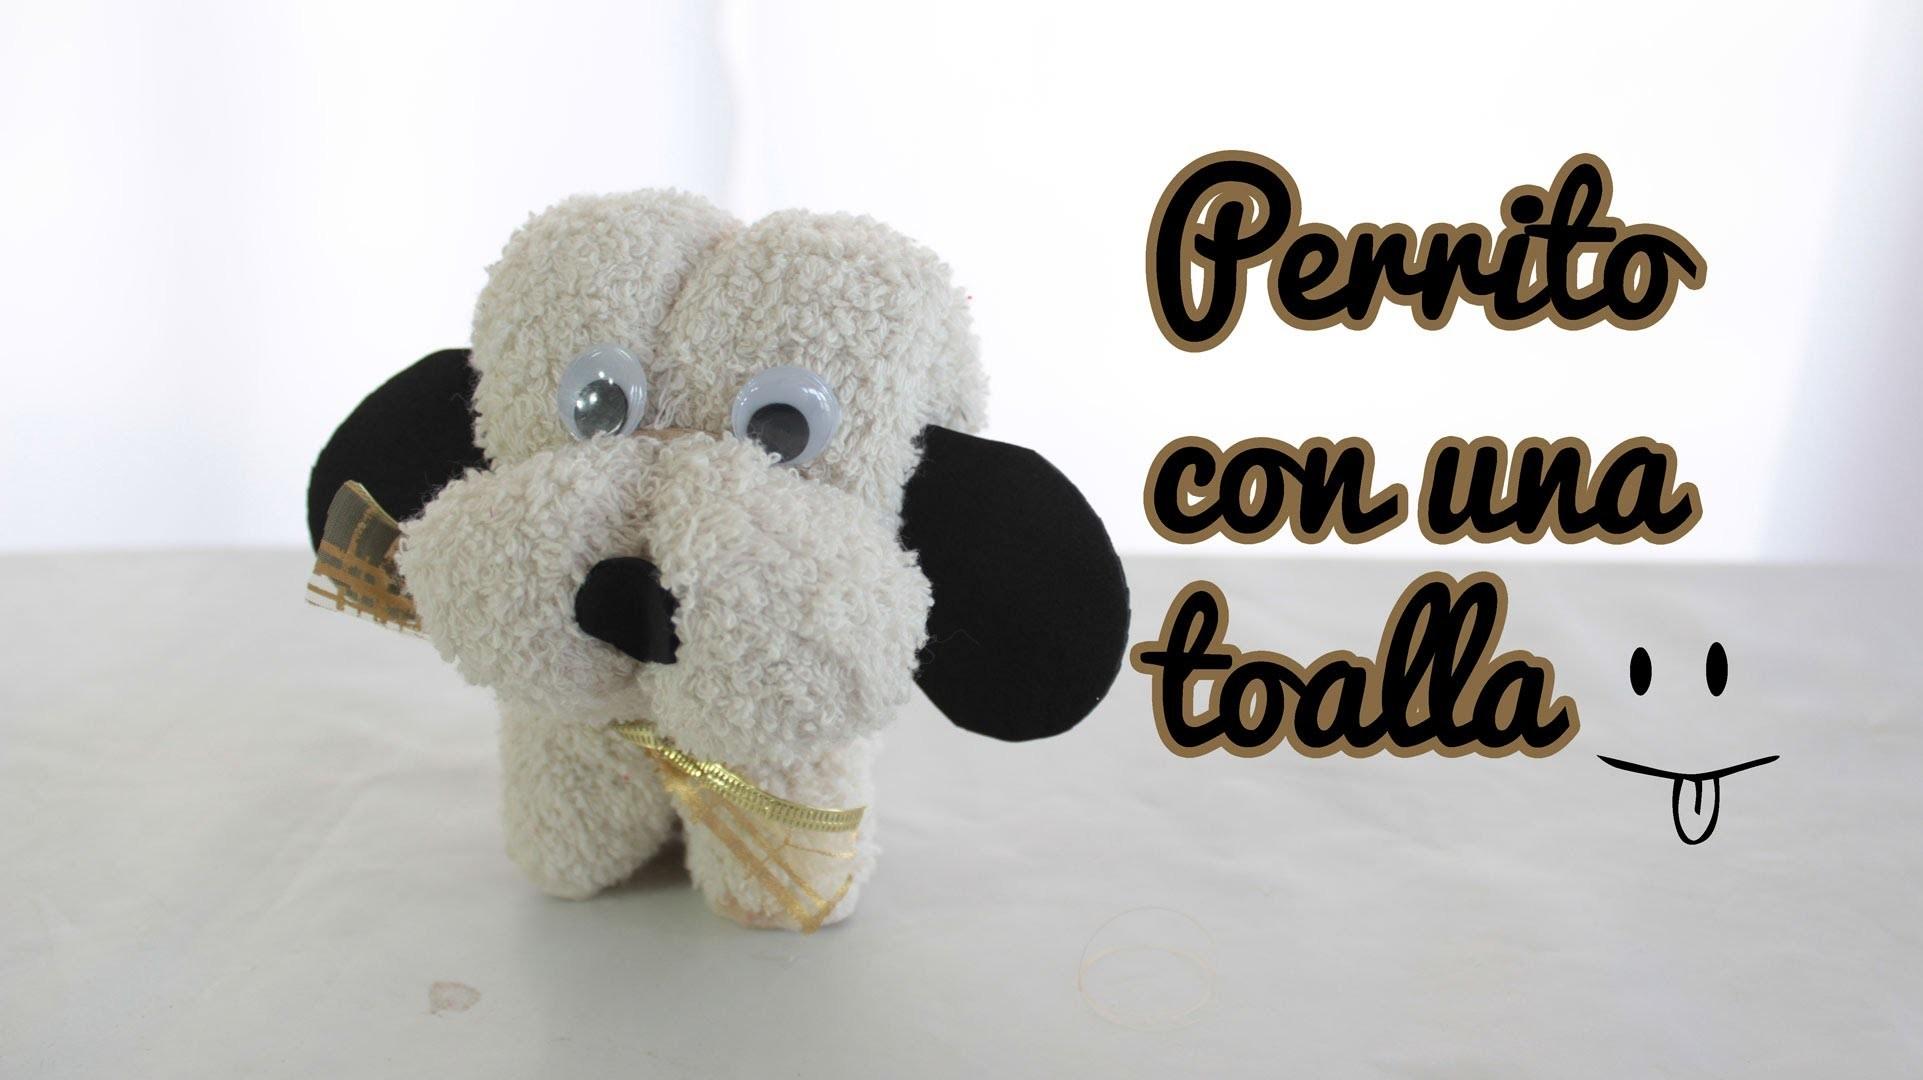 Cómo hacer un perrito con una toalla, toallas con formas - Manualidades Fáciles